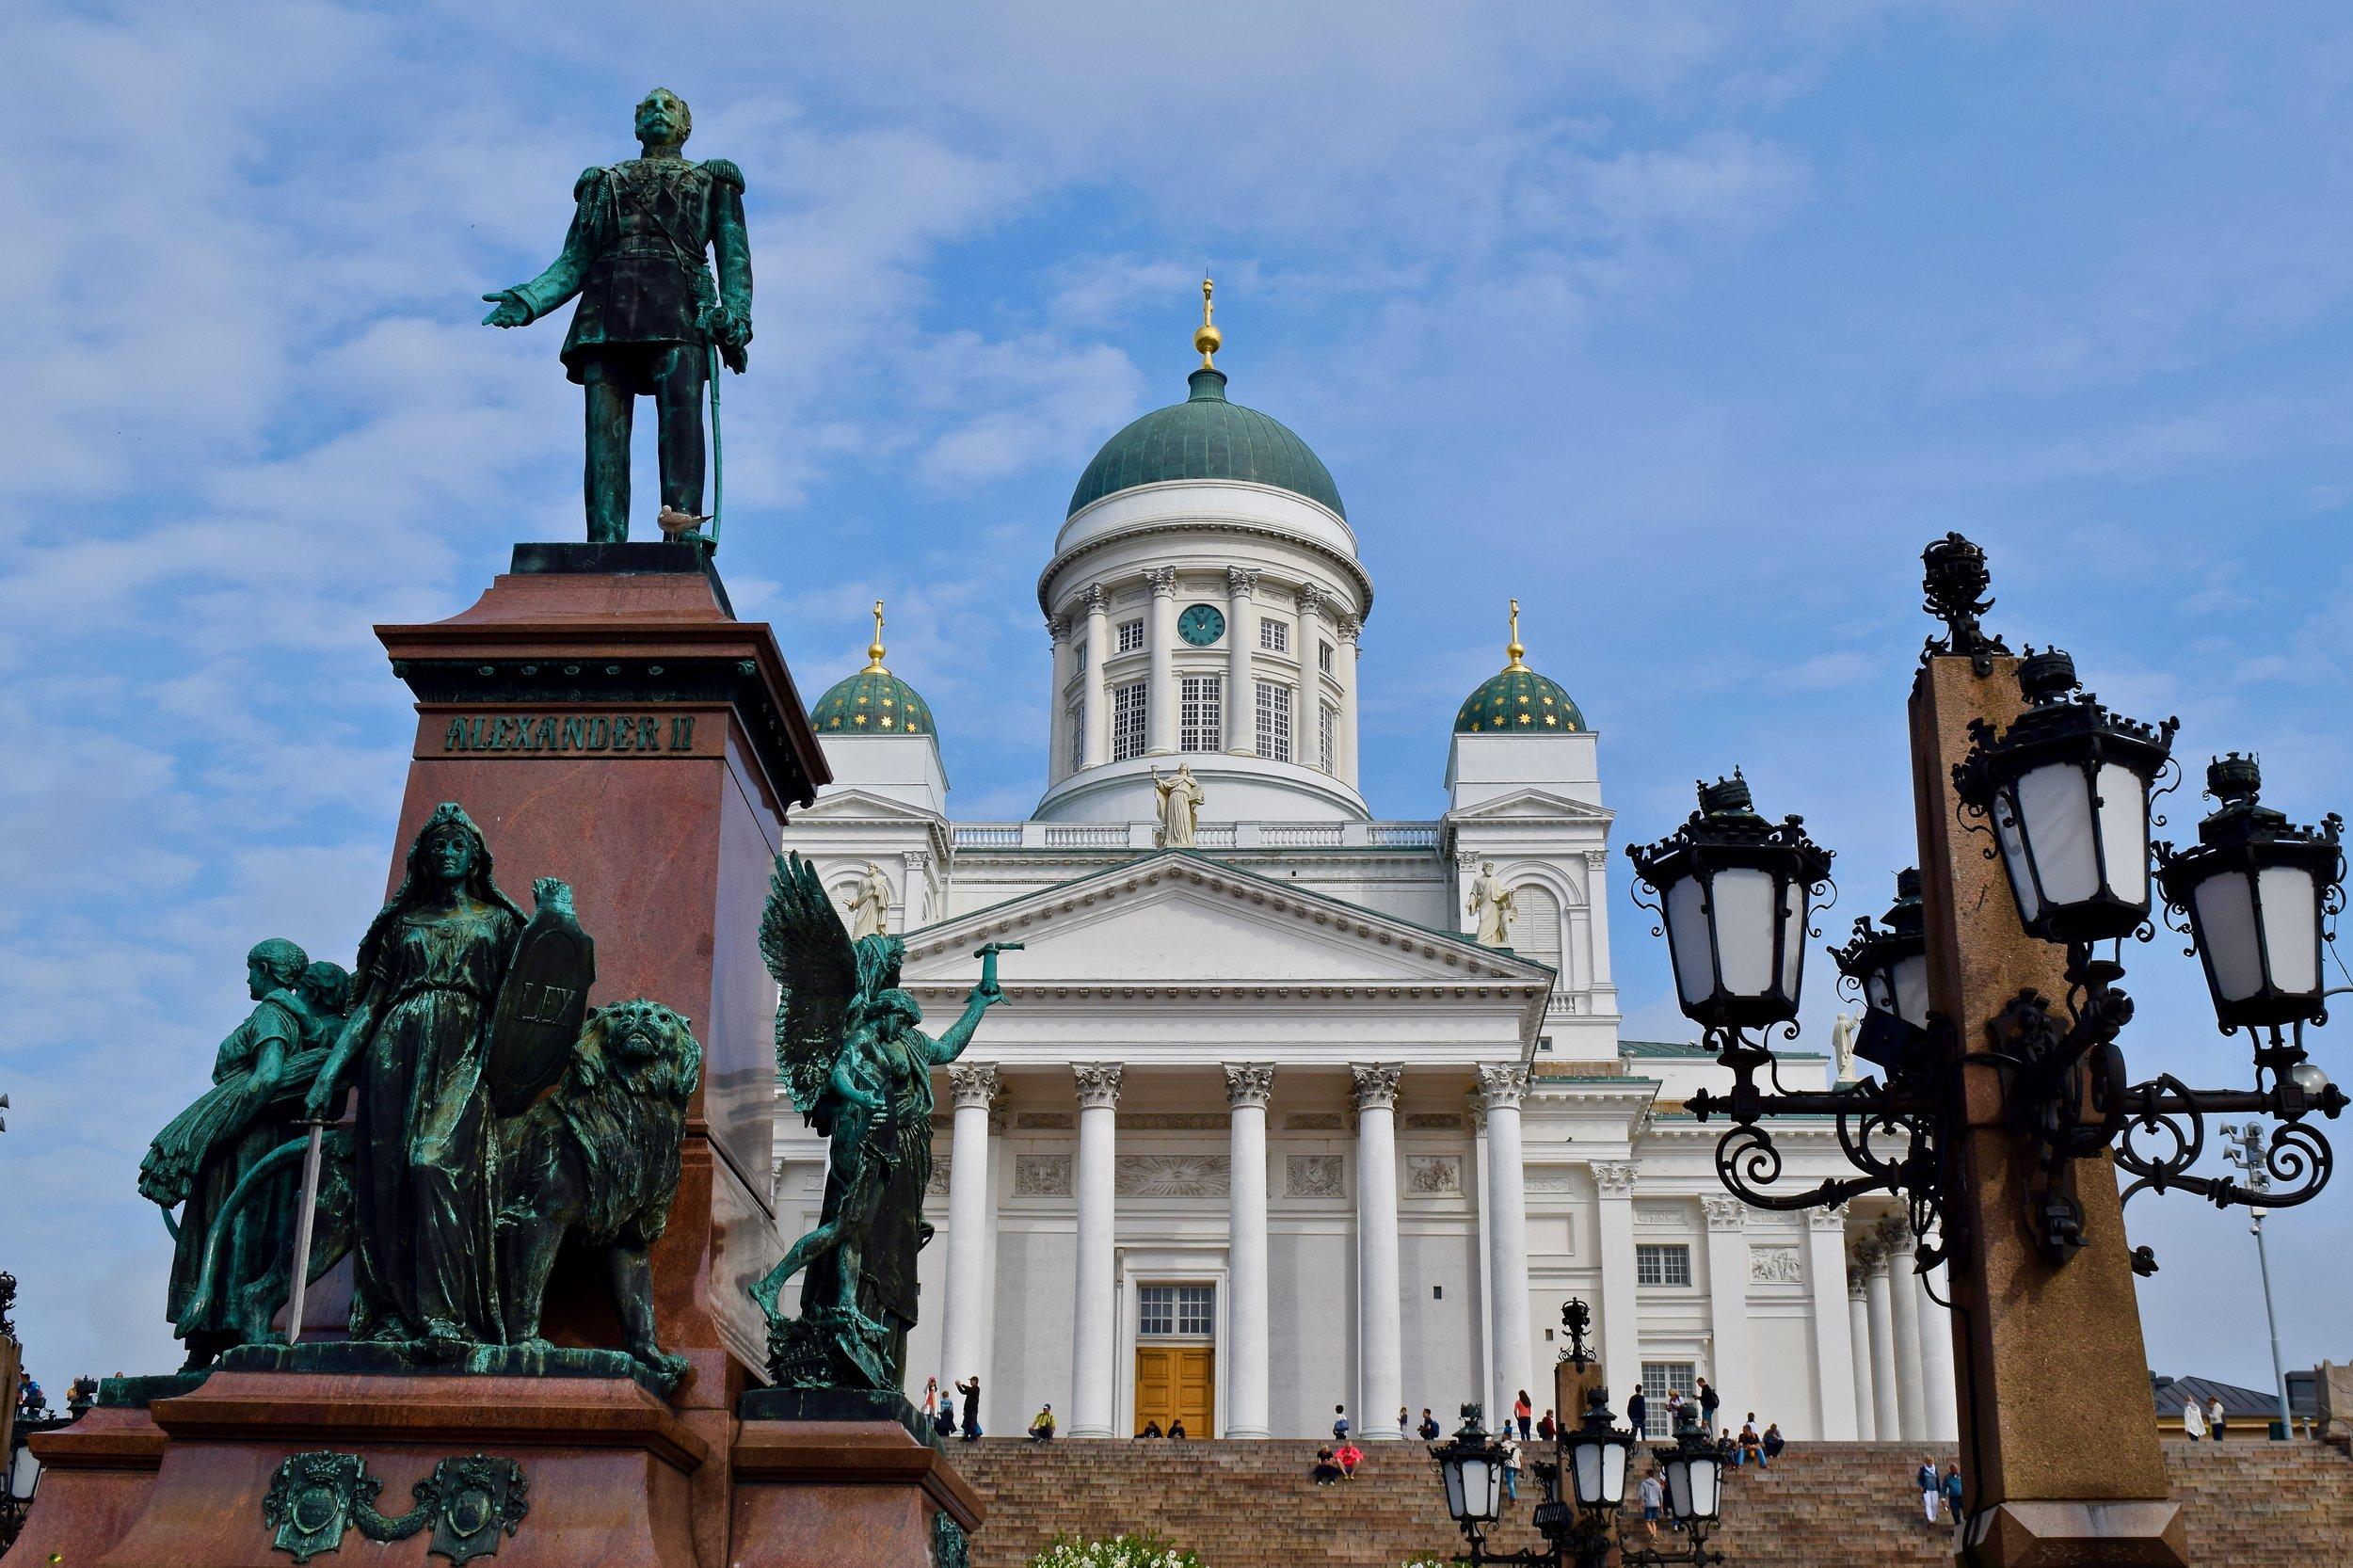 Estatua del Emperador Alejandro II y la Catedral de Helsinki